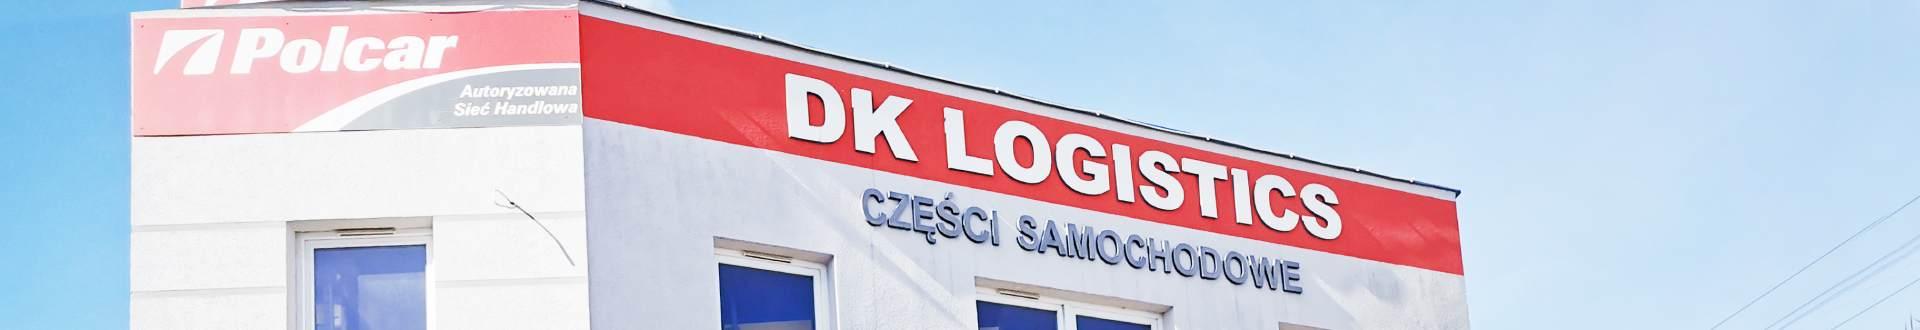 siedziba firmy DK Logistics